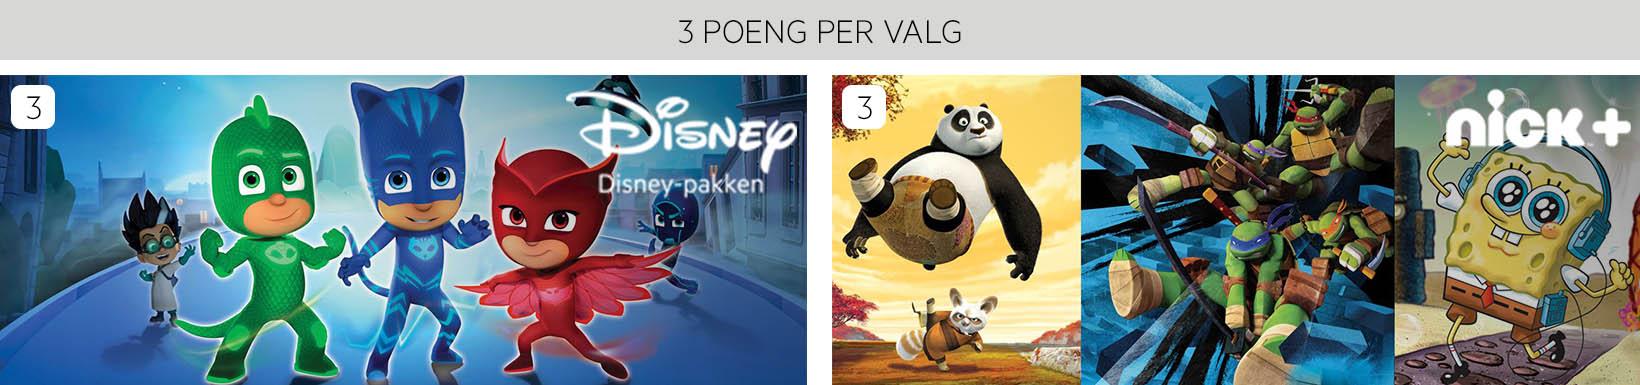 Disney og nickpluss 3 poeng